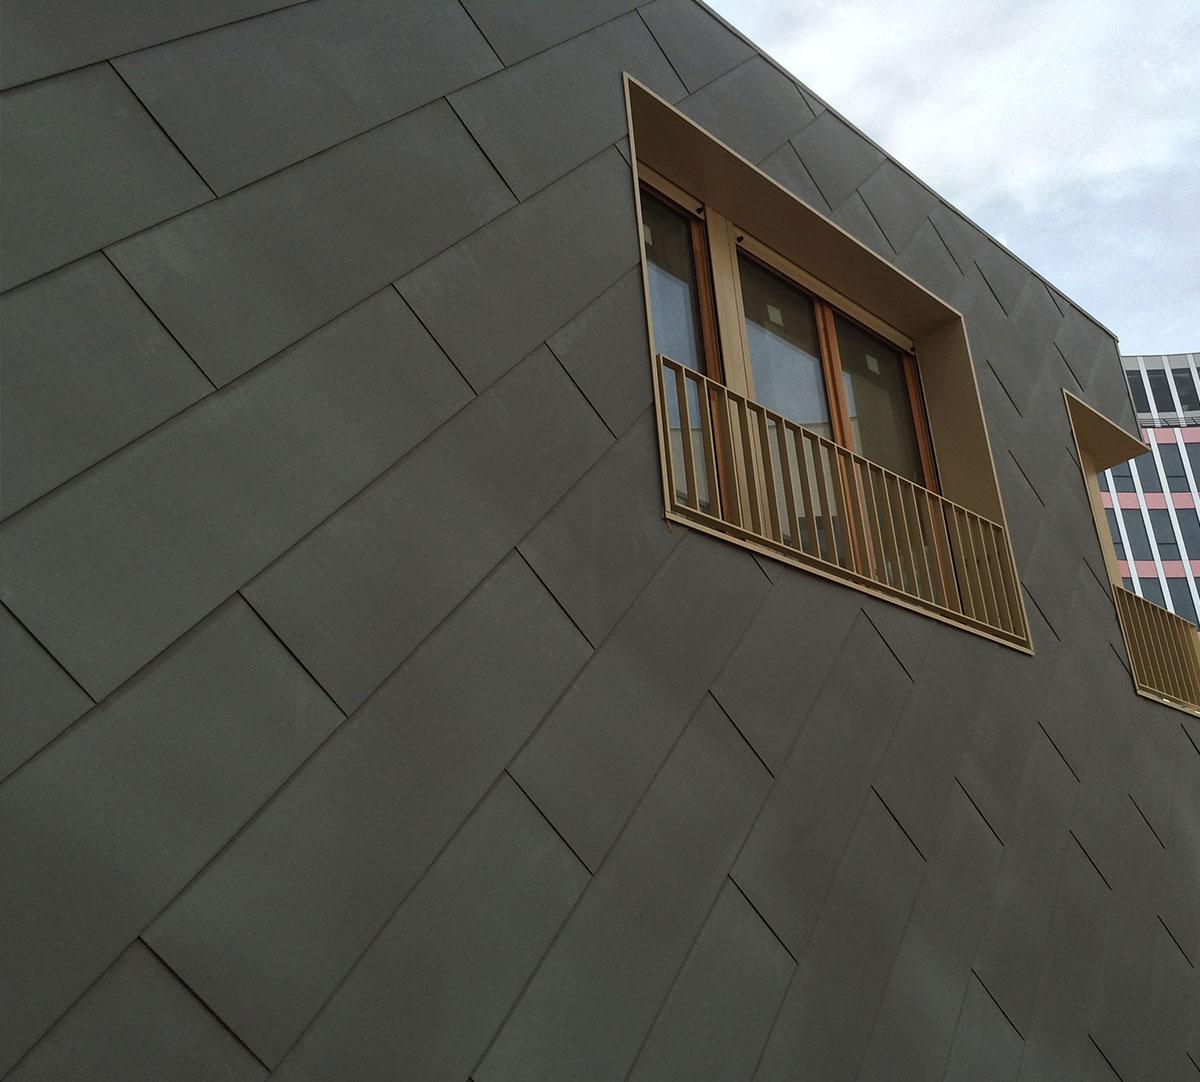 Encadrement De Fenetre Facade bati formes - encadrement de fenêtre (en golden beach)